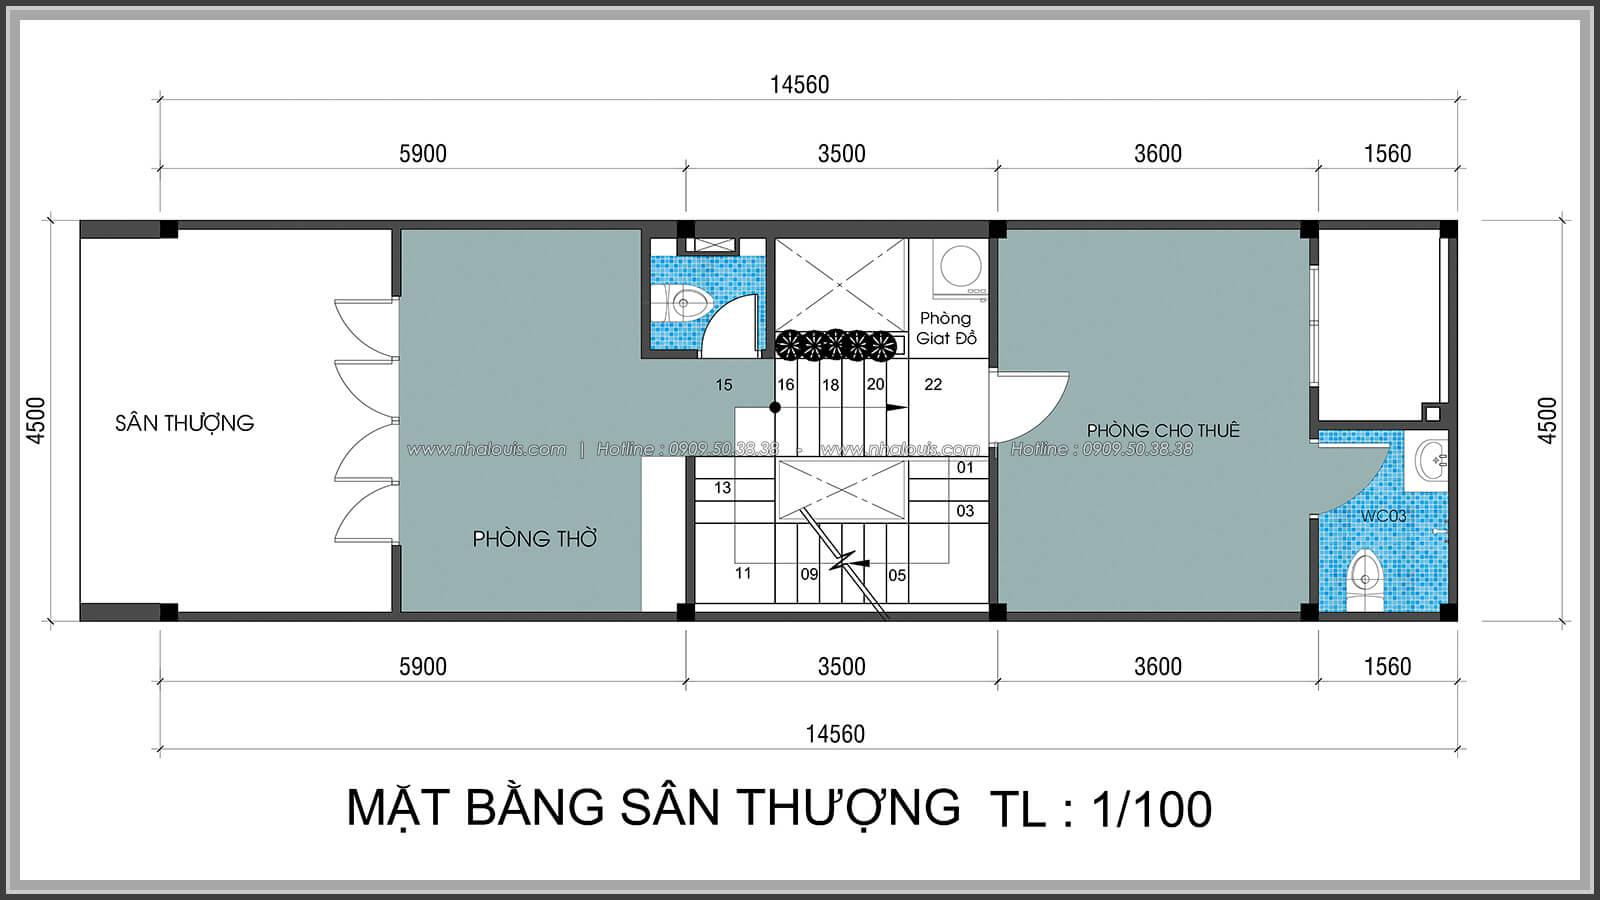 Mặt bằng sân thượng Thiết kế nhà lệch tầng đẹp 4.5x14.5m hiện đại tại quận Tân Bình - 29